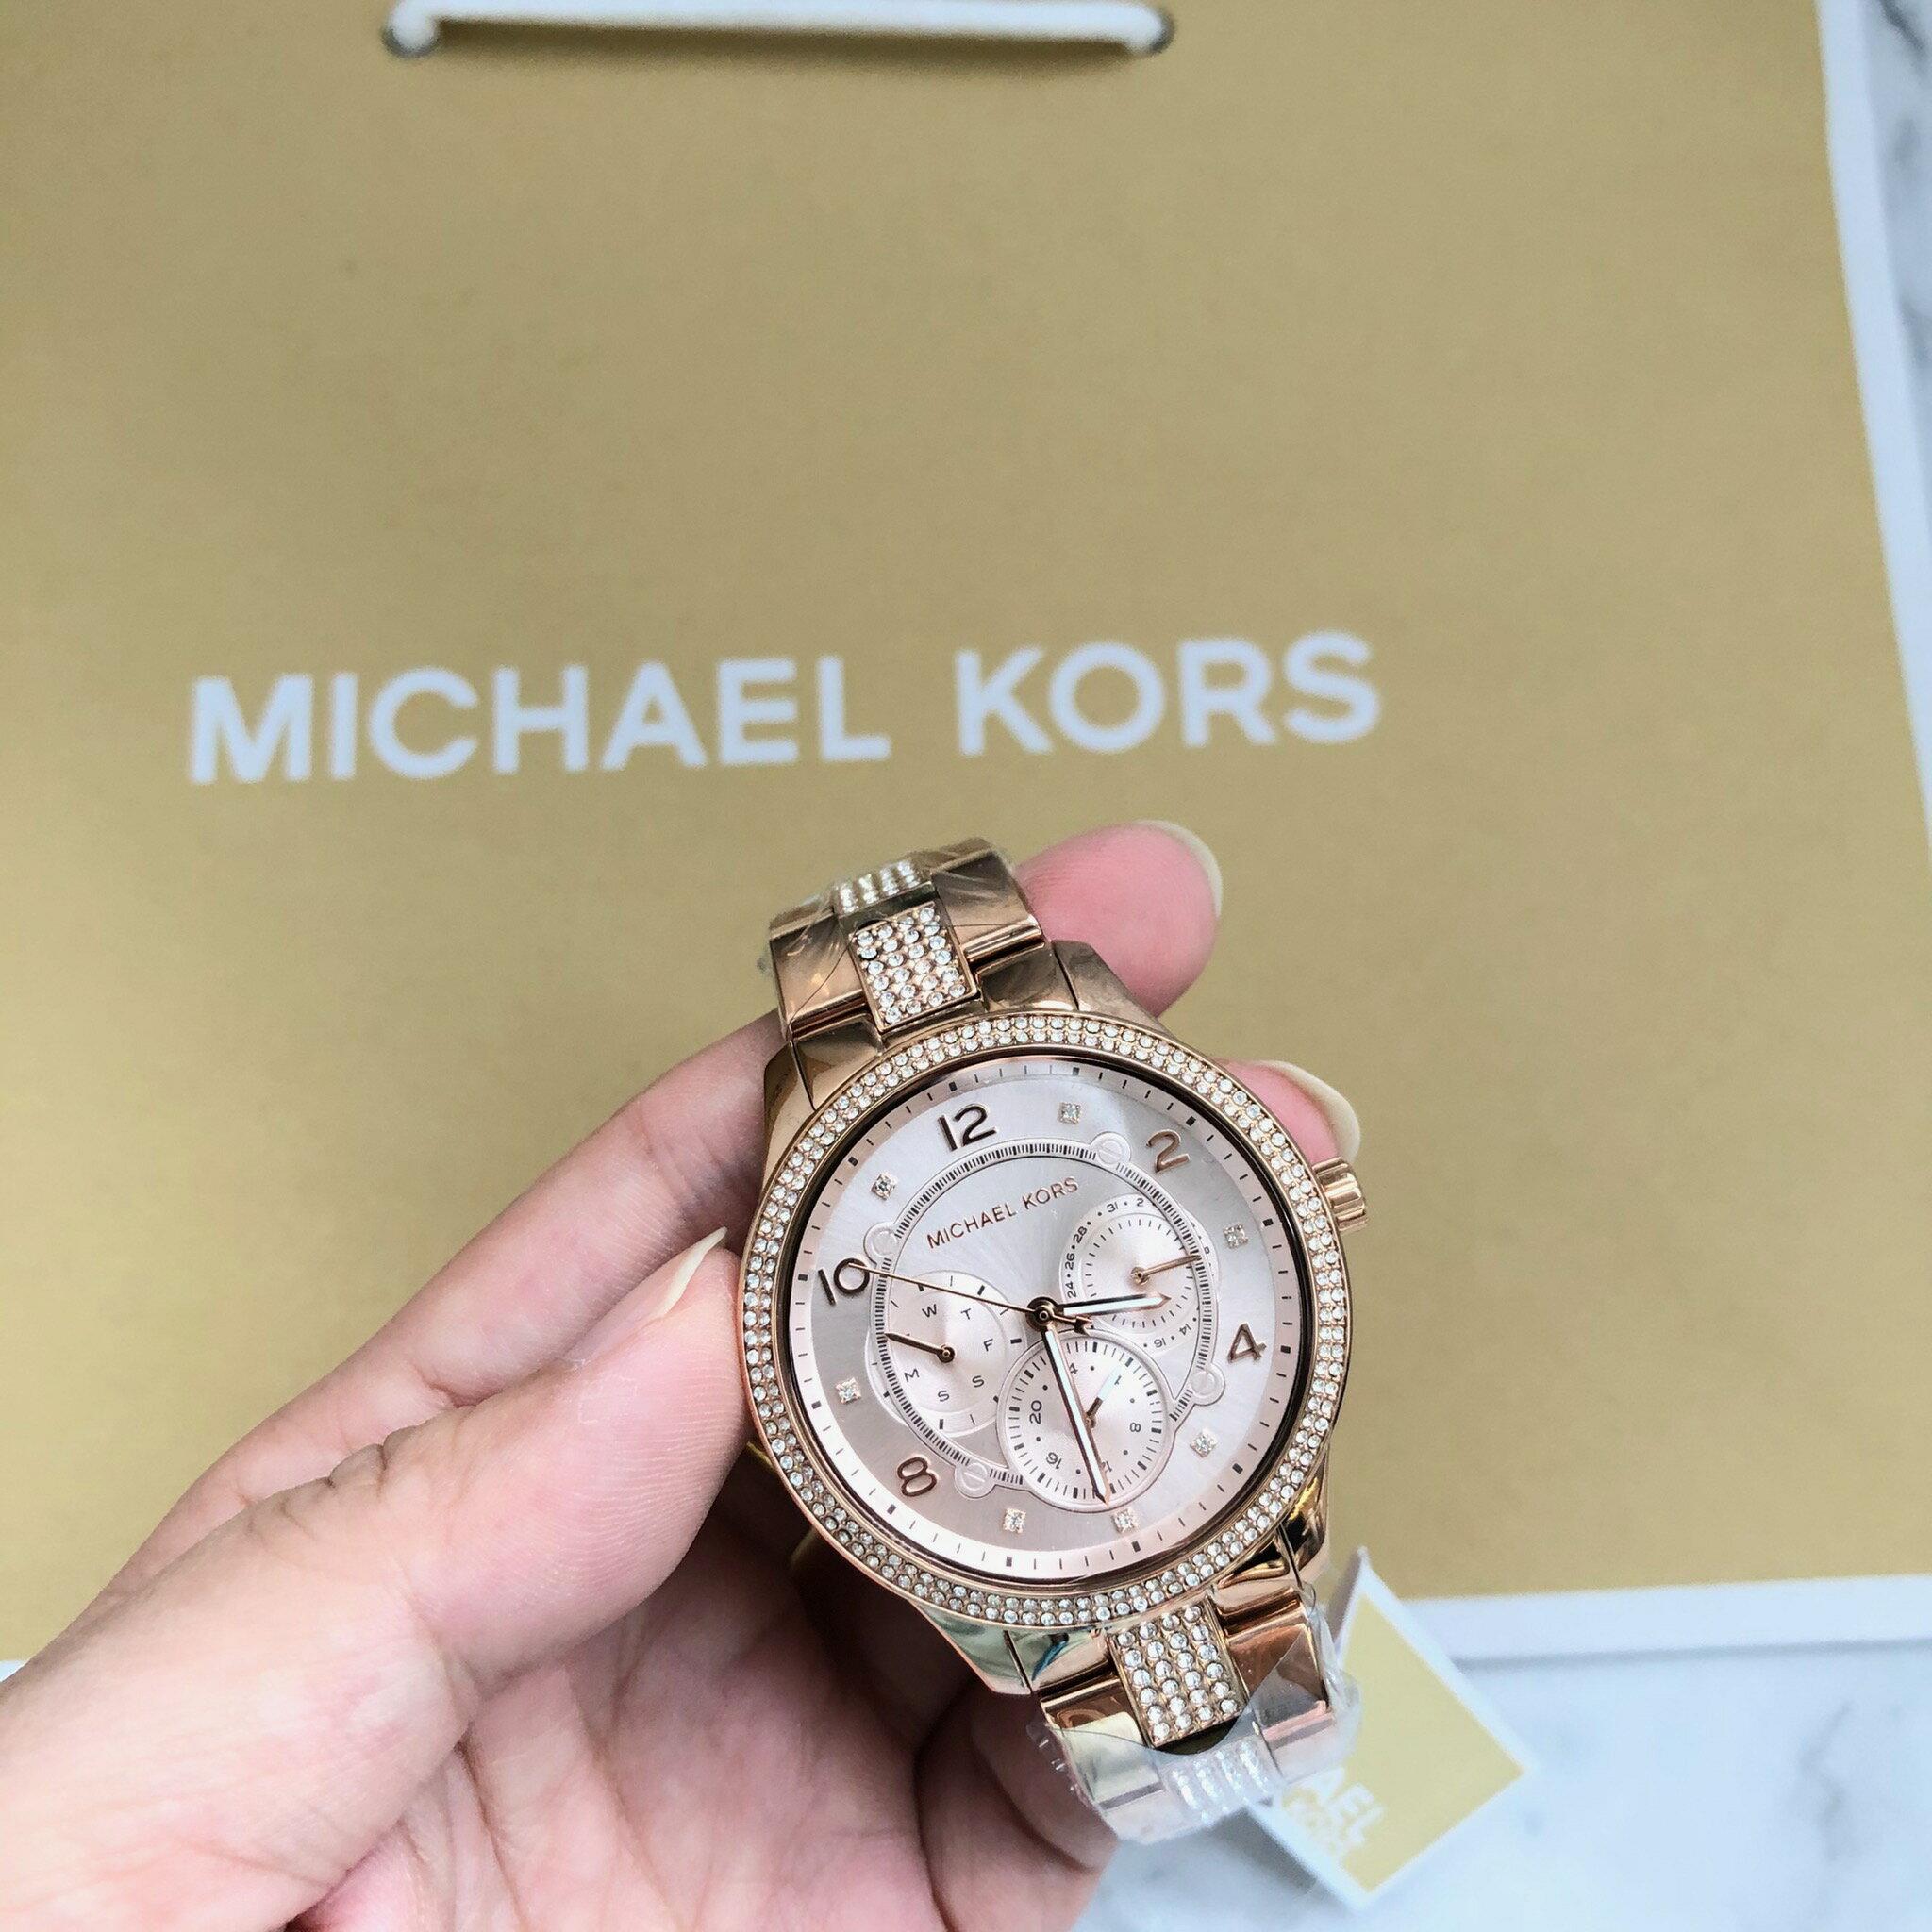 美國百分百【全新真品】 Michael Kors 手錶 MK 腕錶 禮盒 專櫃精品 MK6614 玫瑰金 女款 AQ16